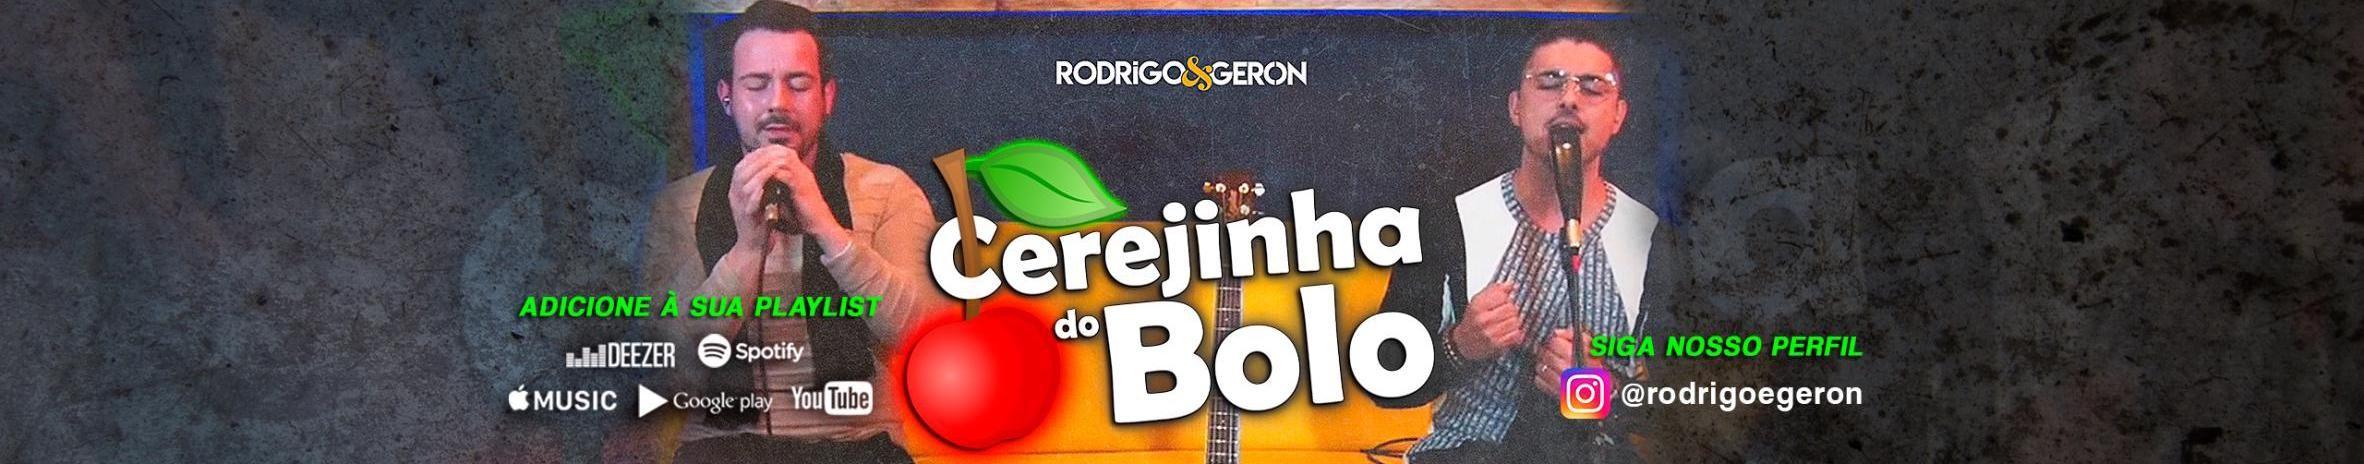 Imagem de capa de Rodrigo e Geron